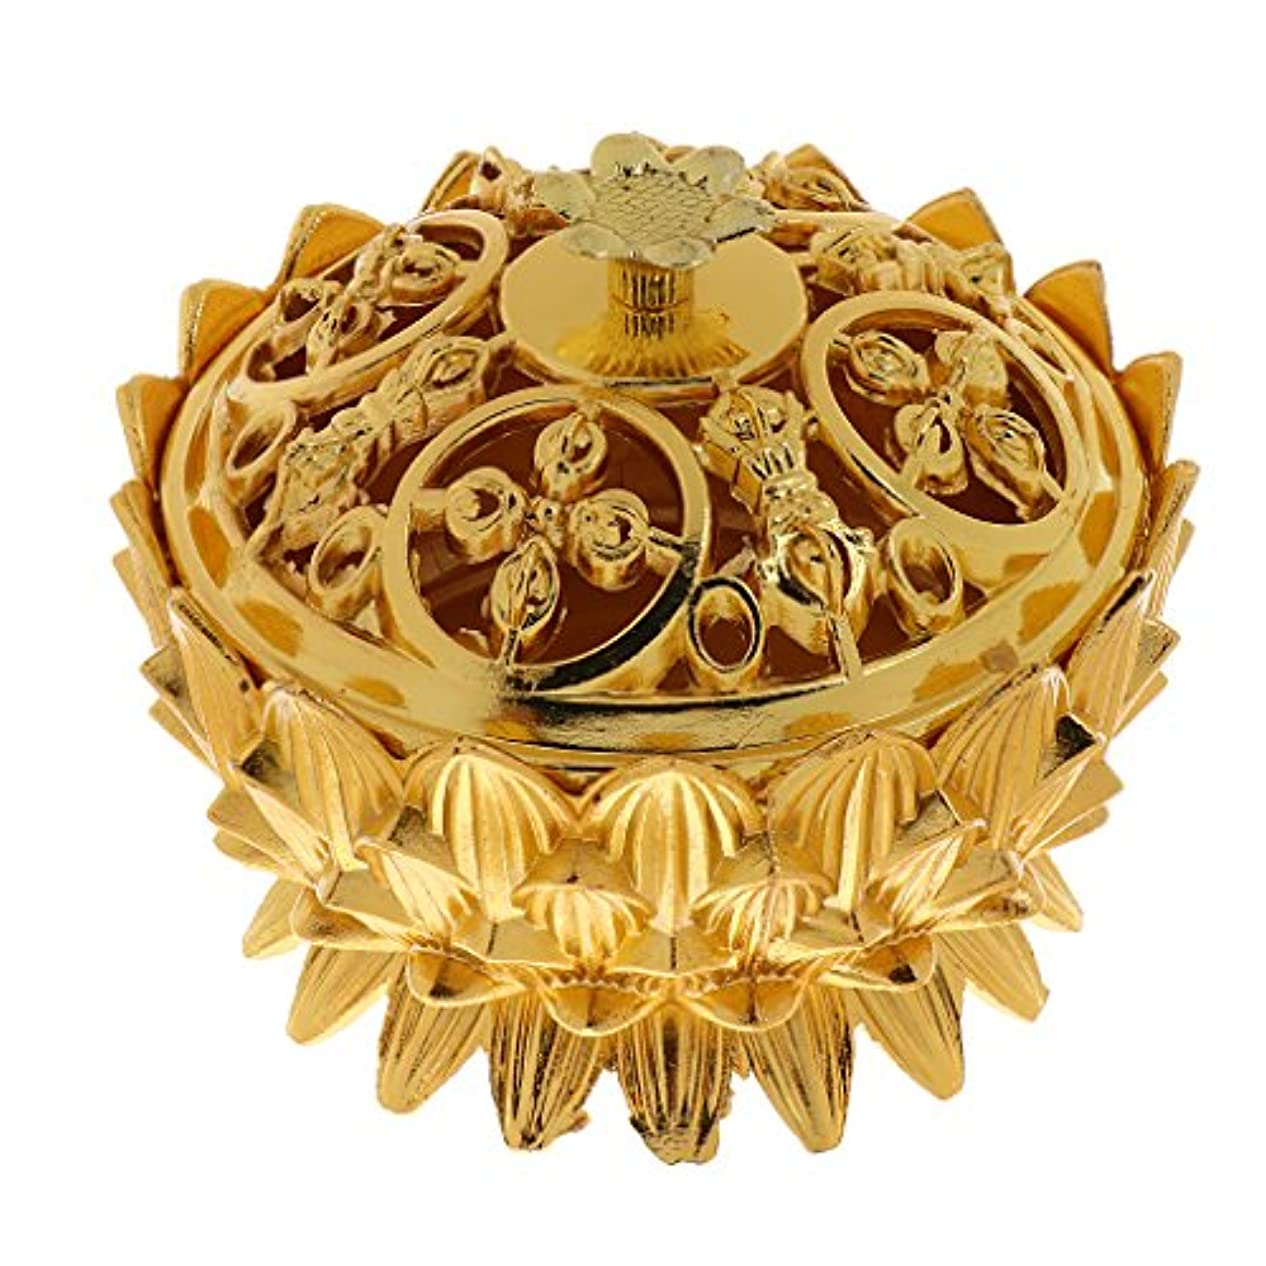 暴徒ソブリケット作者仏教 チベット 蓮 香りバーナー 香炉 金属 工芸品 家 装飾 全3選択 - #3